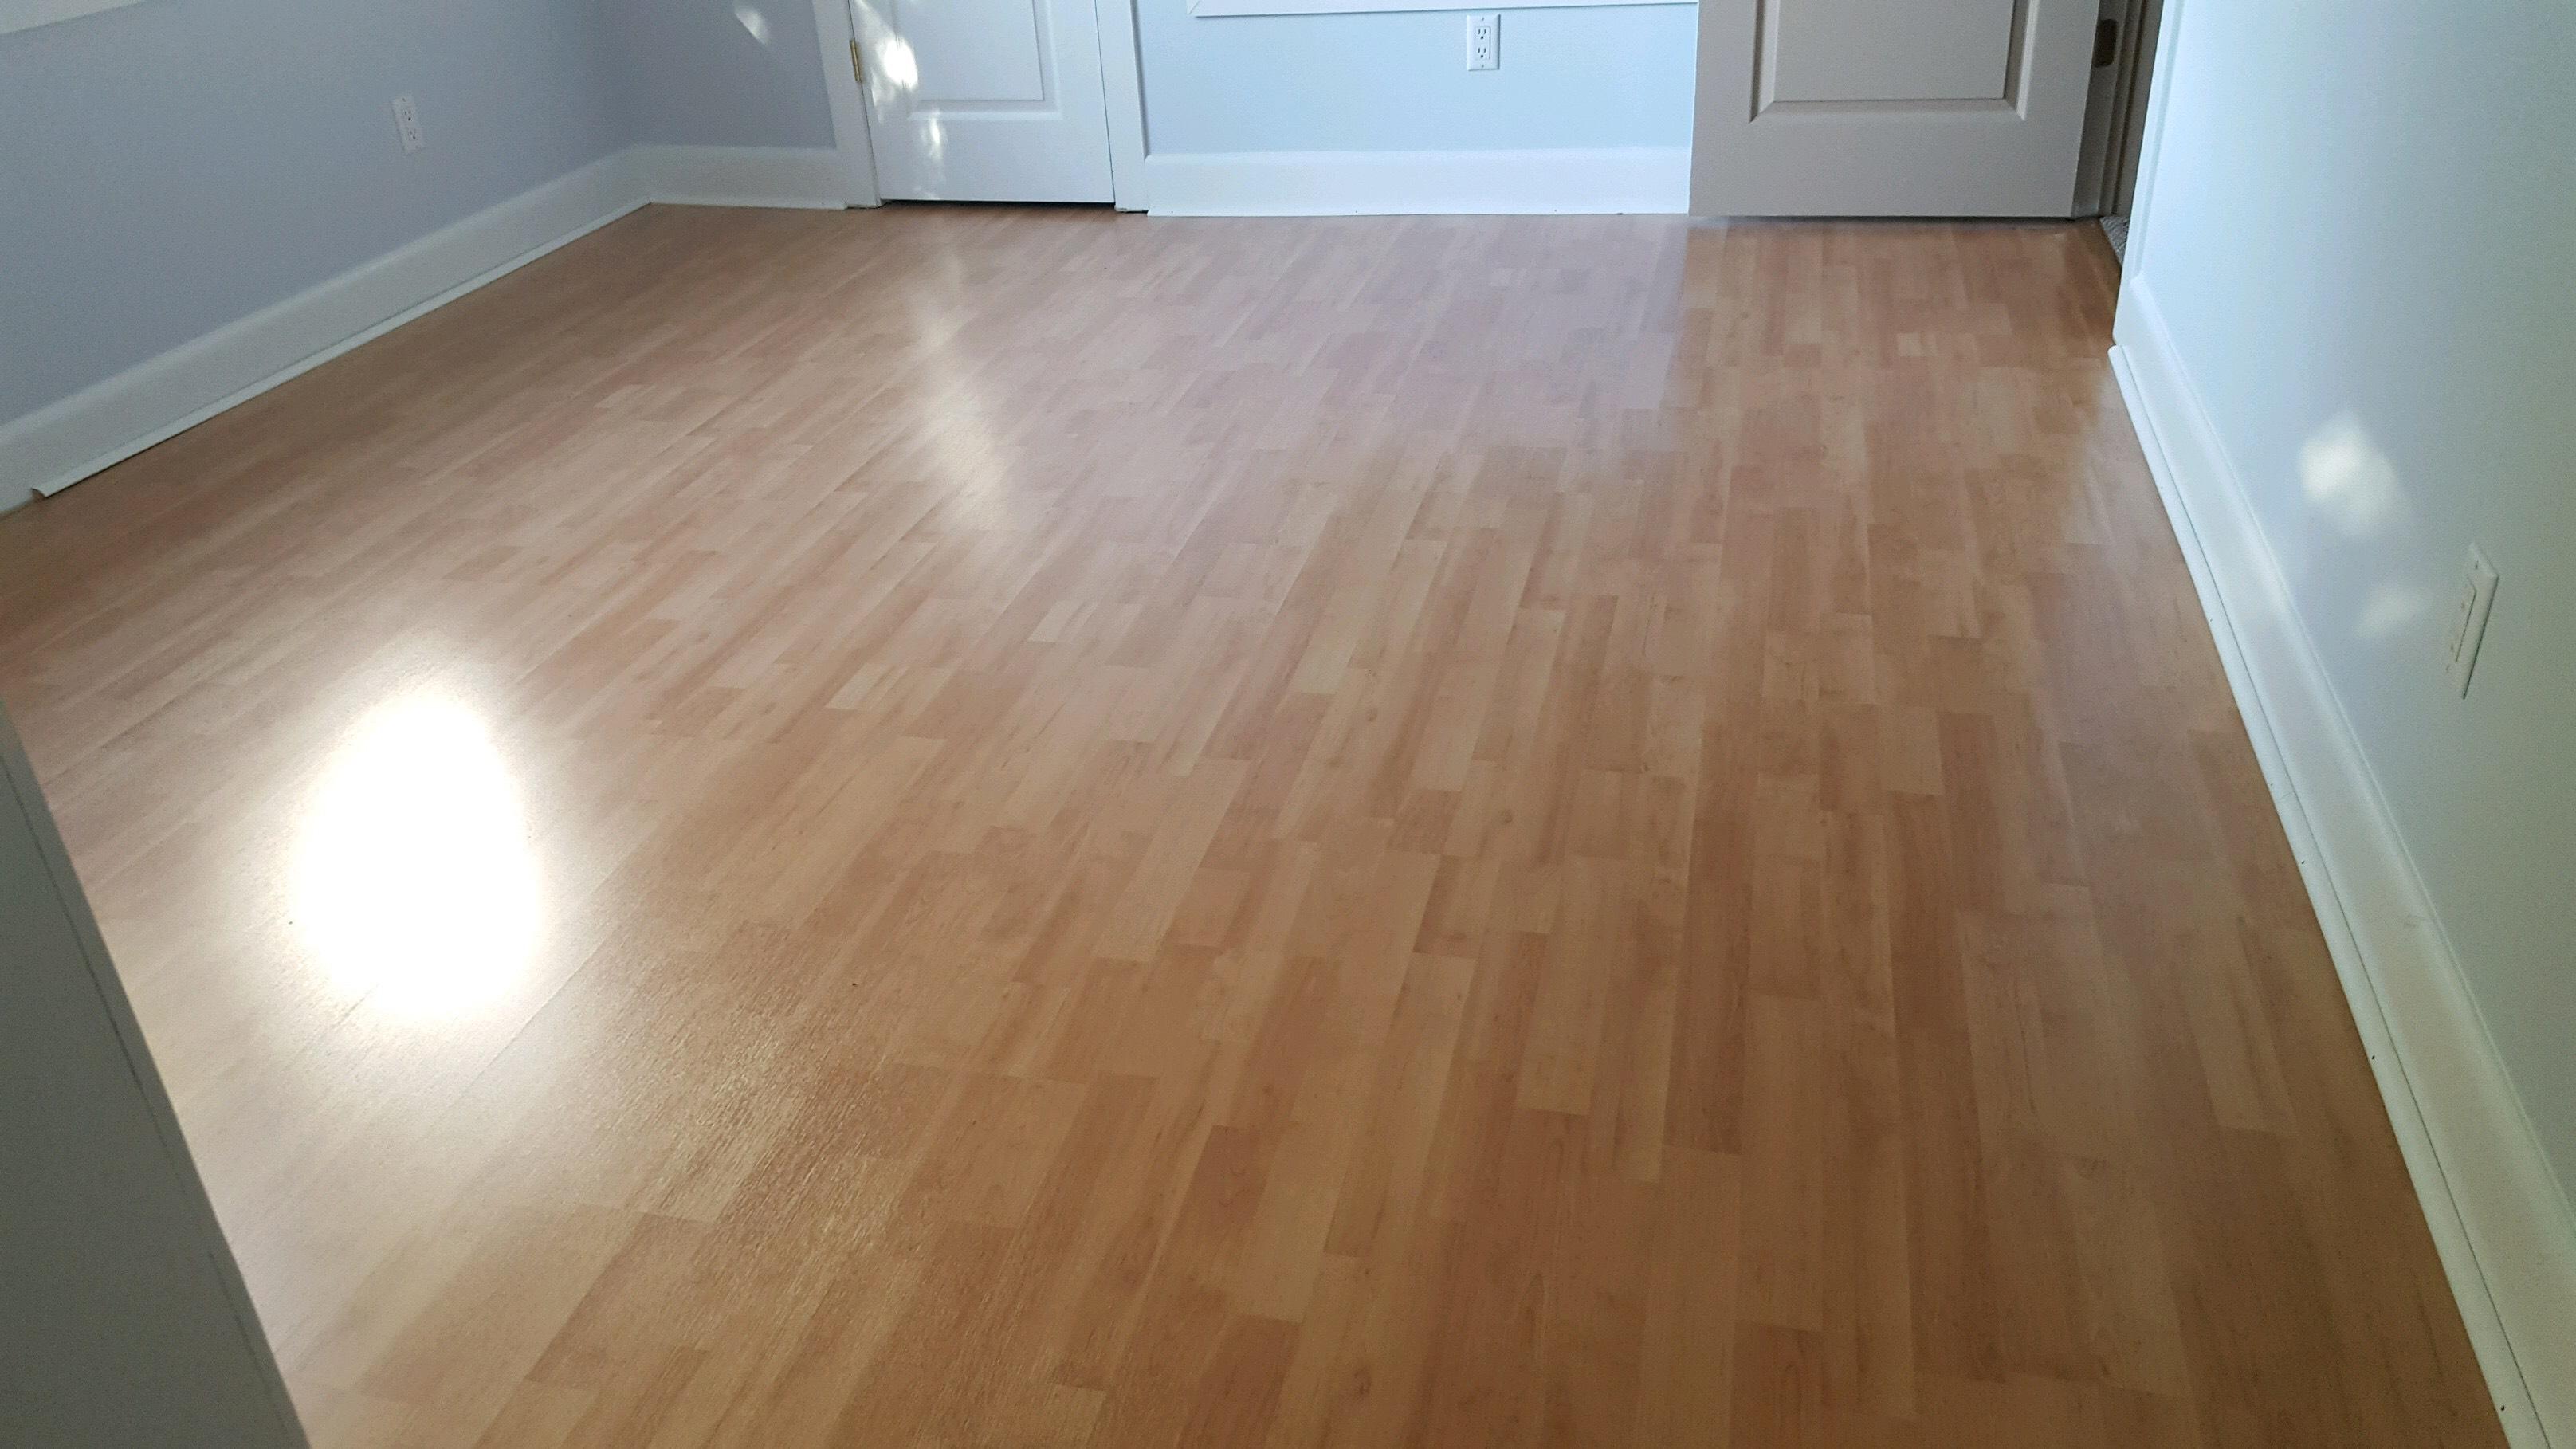 Laminate Dix Hills Flooring